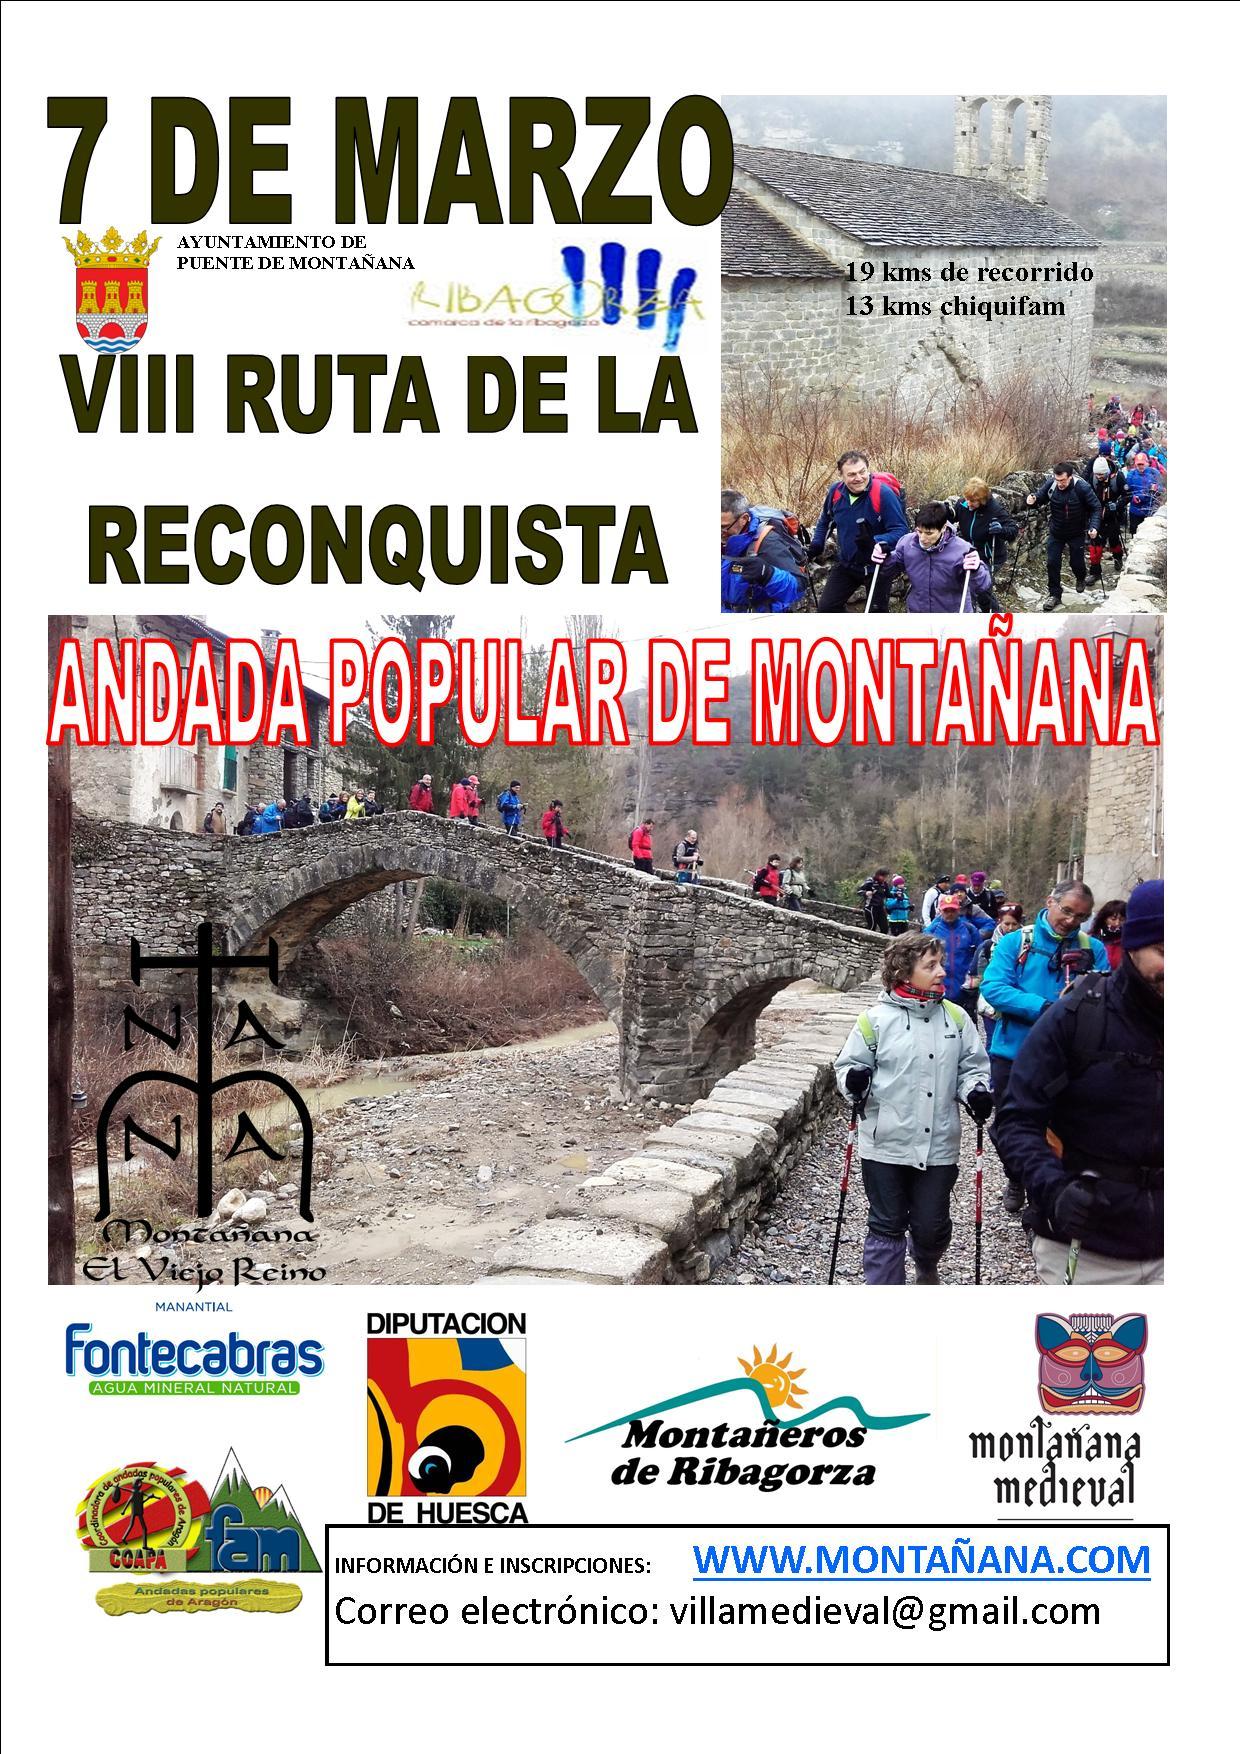 VII RUTA DE LA RECONQUISTA 9/3/2019